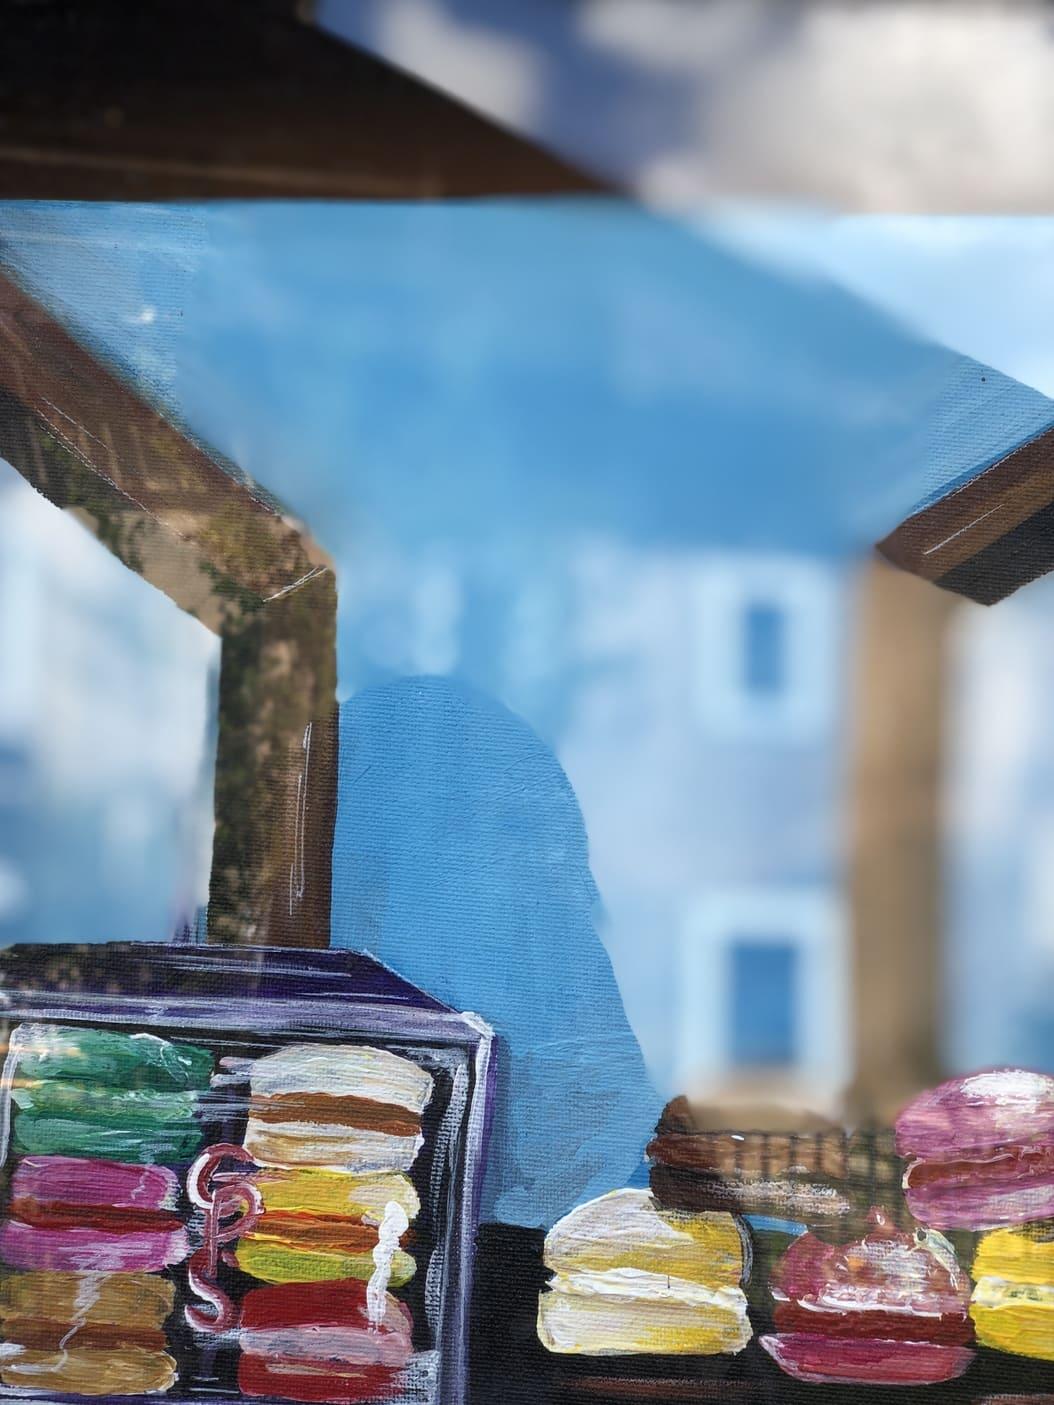 Le comptoir du Père Sotieu - patisserie - chocolaterie - Megeve - France - 6